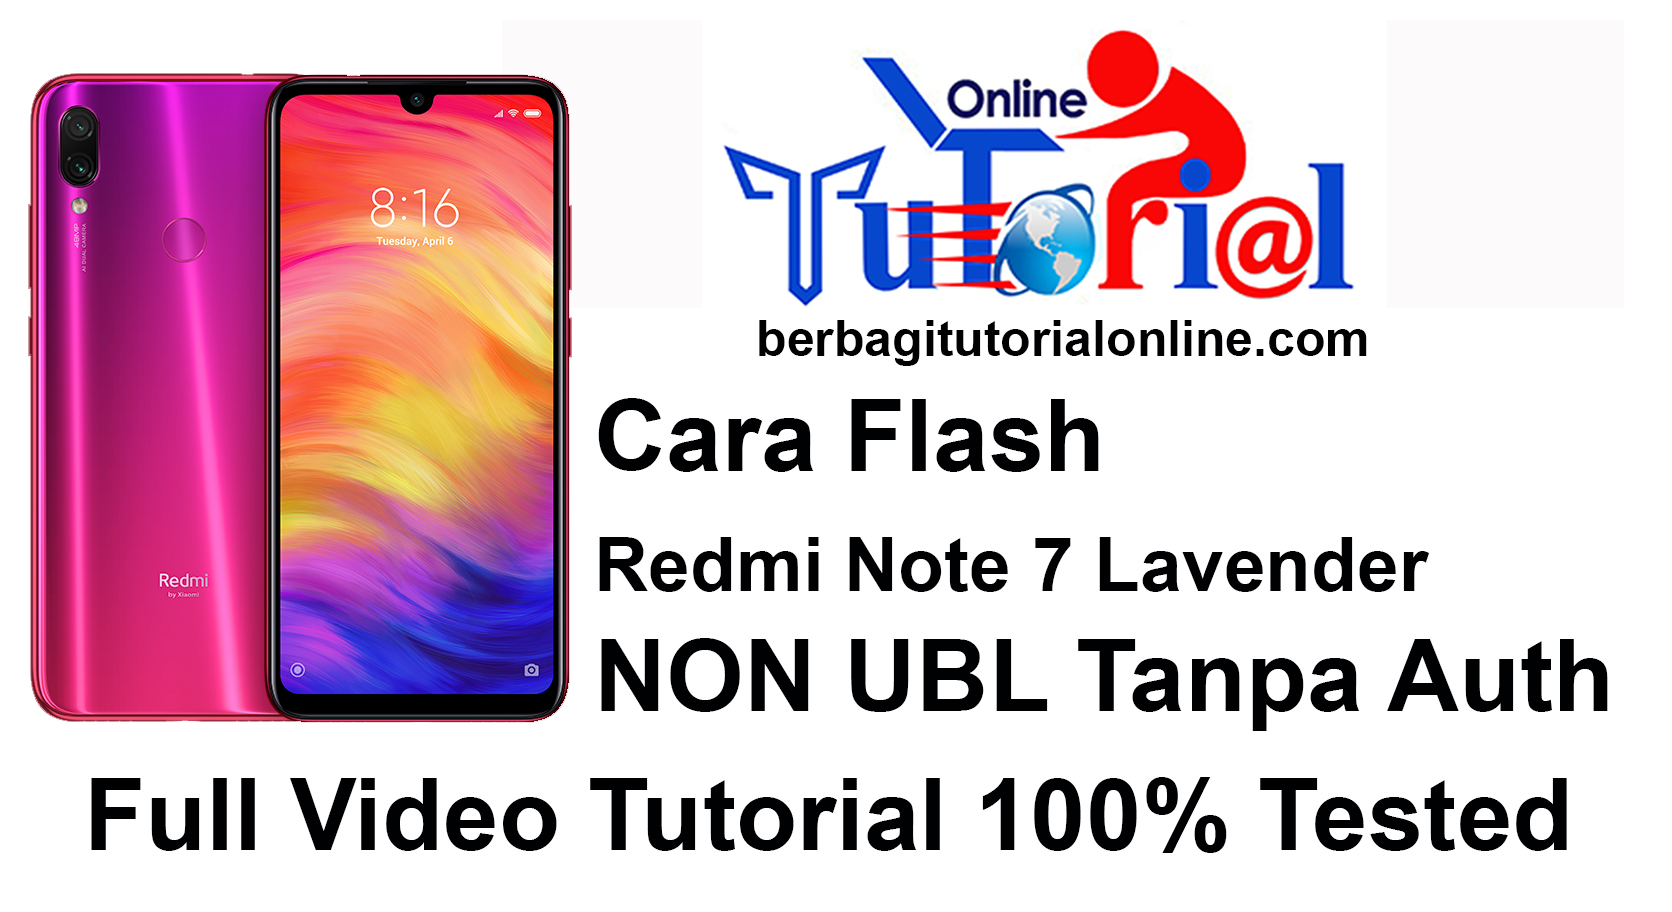 Cara Flash Redmi Note 7 Lavender NON UBL tanpa Auth